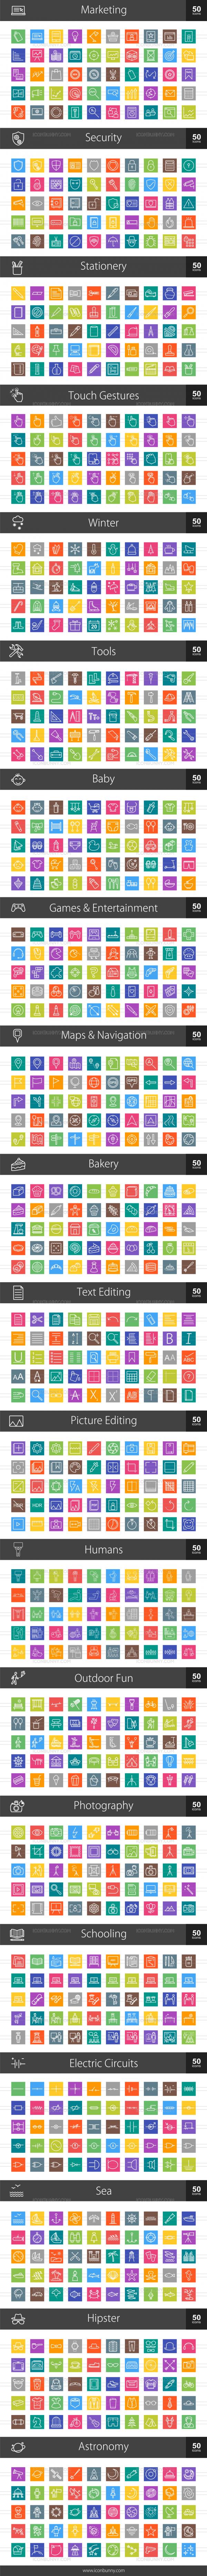 1000 Line Multicolor B/G Icons Bundle - Preview - IconBunny